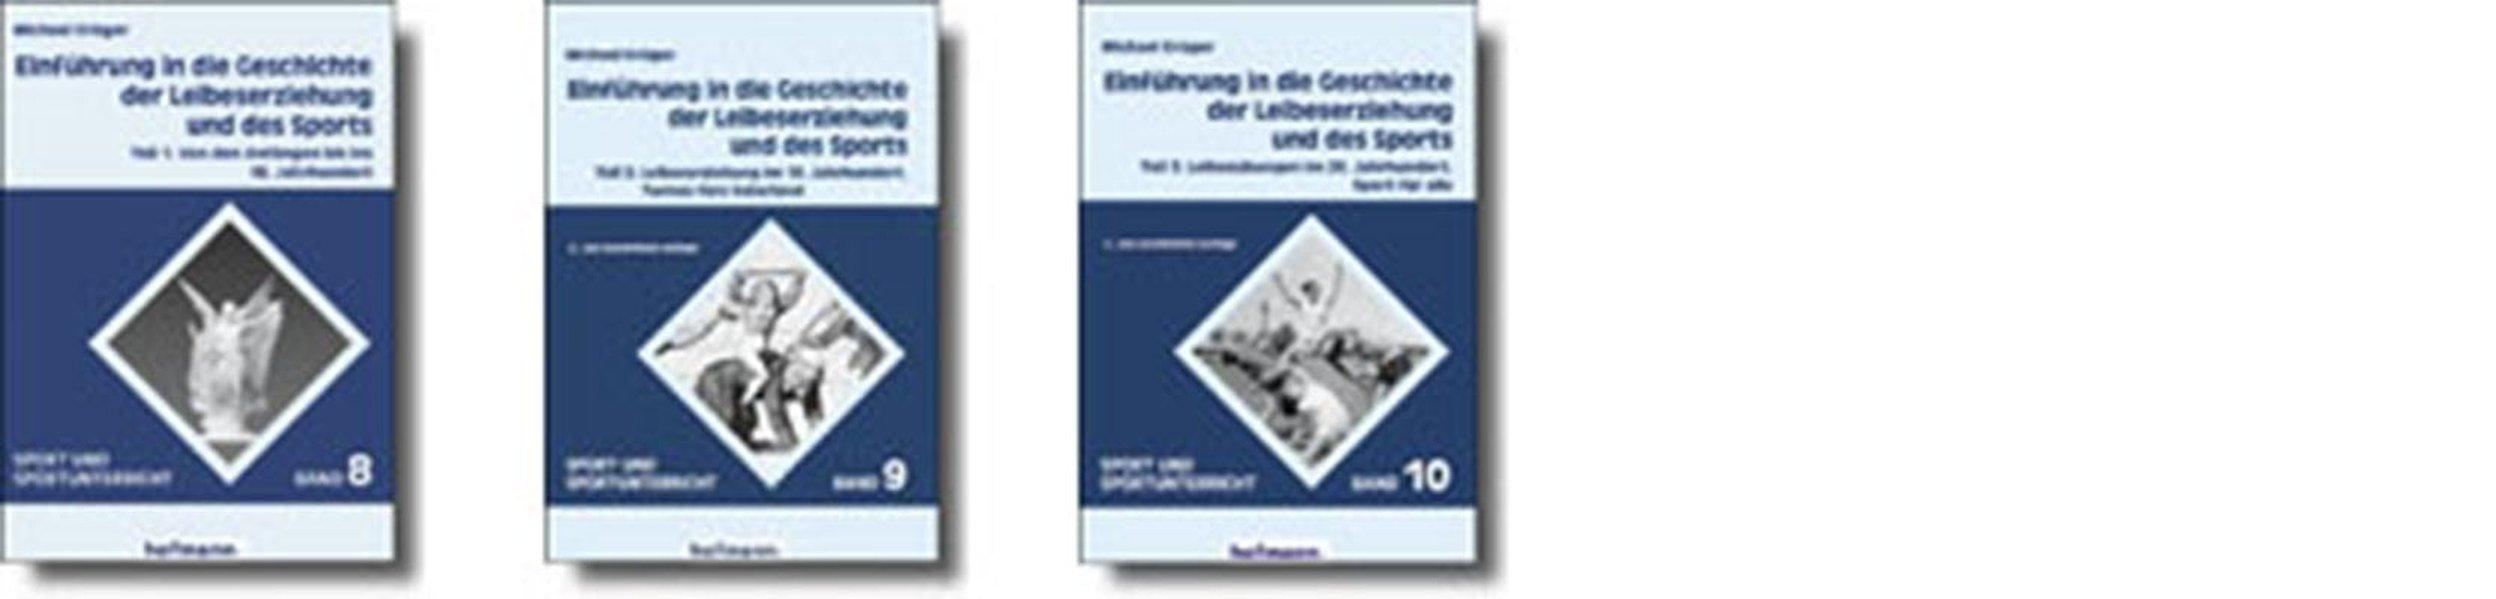 Einführung in die Geschichte der Leibeserziehung und des Sports: Teil 1: Von den Anfängen bis ins 18. Jahrhundert; Teil 2: Leibeserziehung im 19. ... Sport für alle (Sport und Sportunterricht)